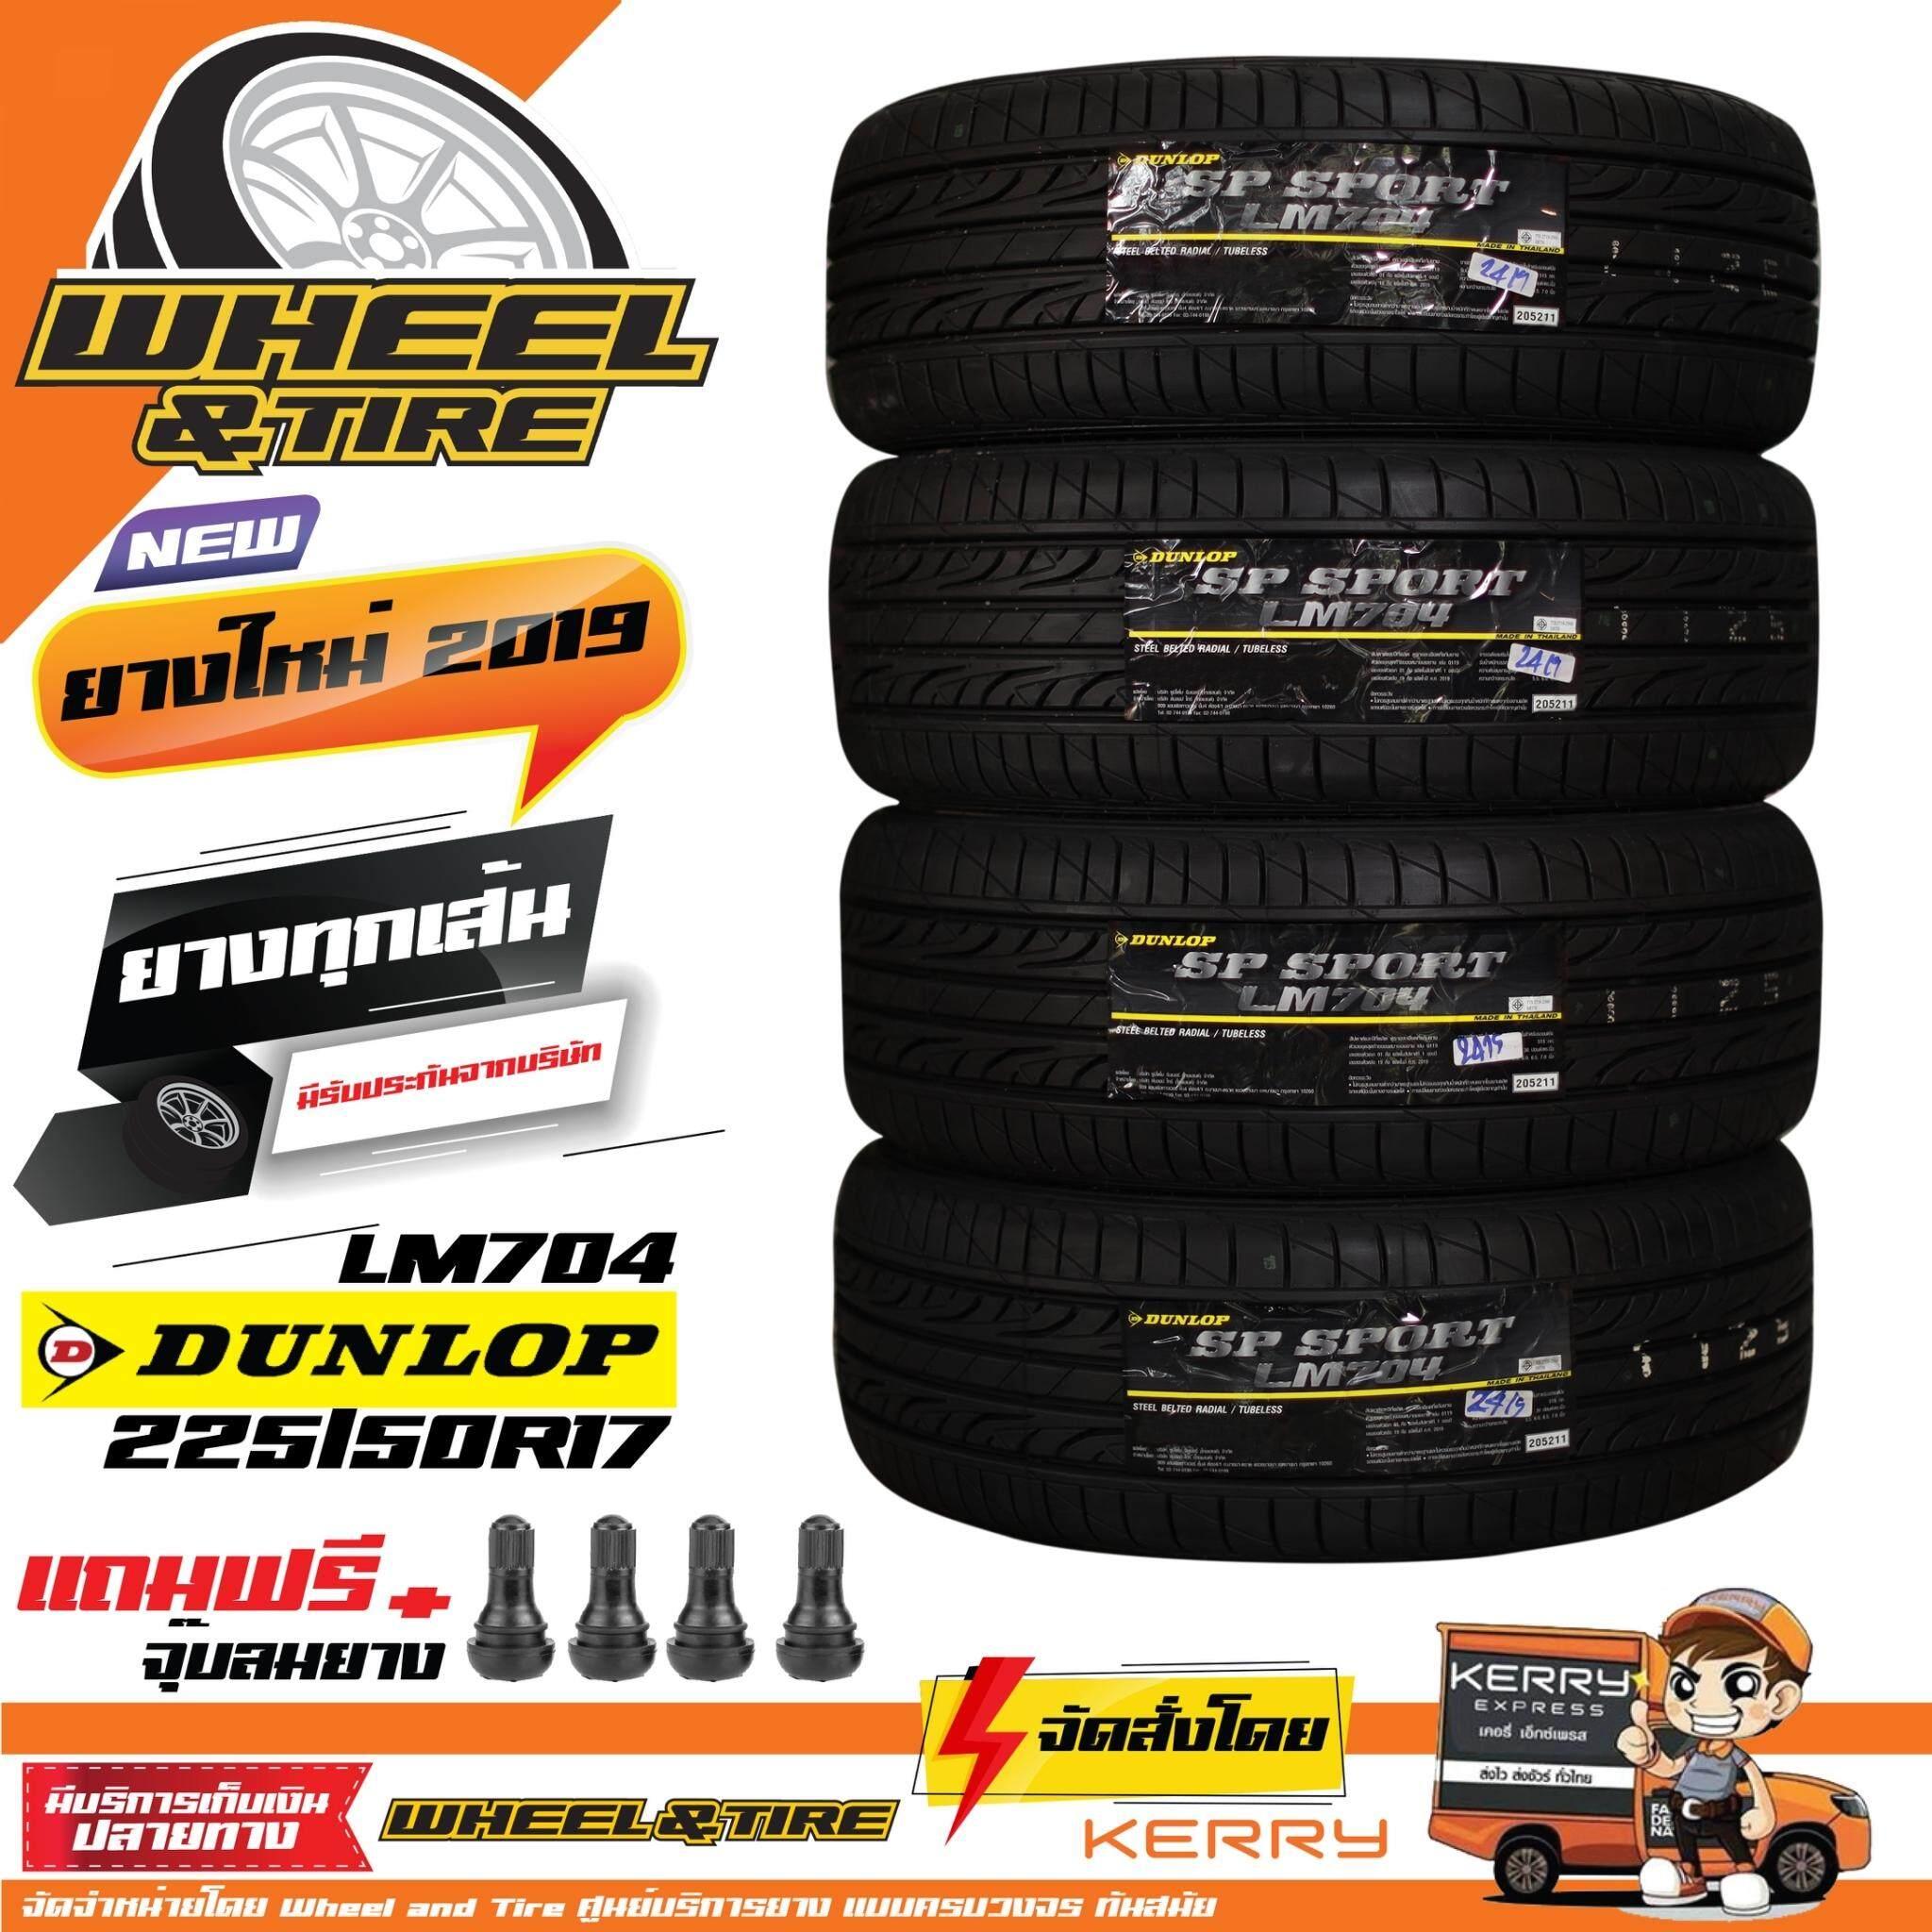 ประกันภัย รถยนต์ แบบ ผ่อน ได้ ชัยนาท Dunlop ยางรถยนต์ 225/50R17 รุ่น LM 704 จำนวน 4 เส้น ยางใหม่ปี 2019  แถมฟรีจุ๊บลมยาง  4 ชิ้น